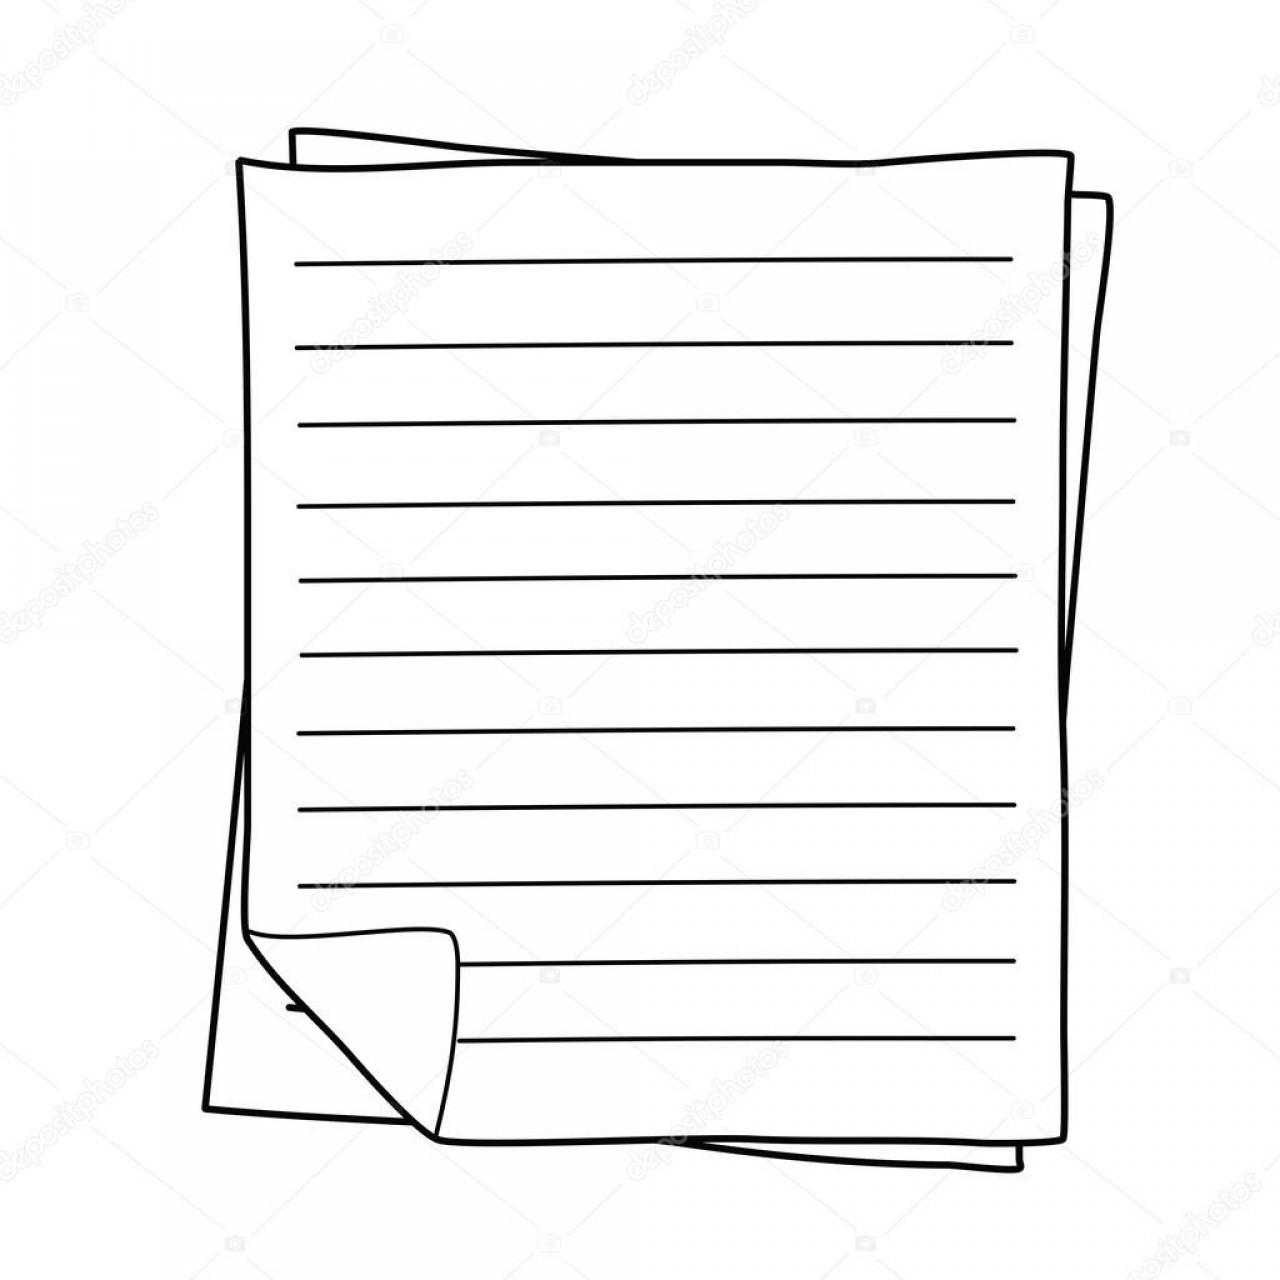 Acordo Quadro para Fornecimento de Papel